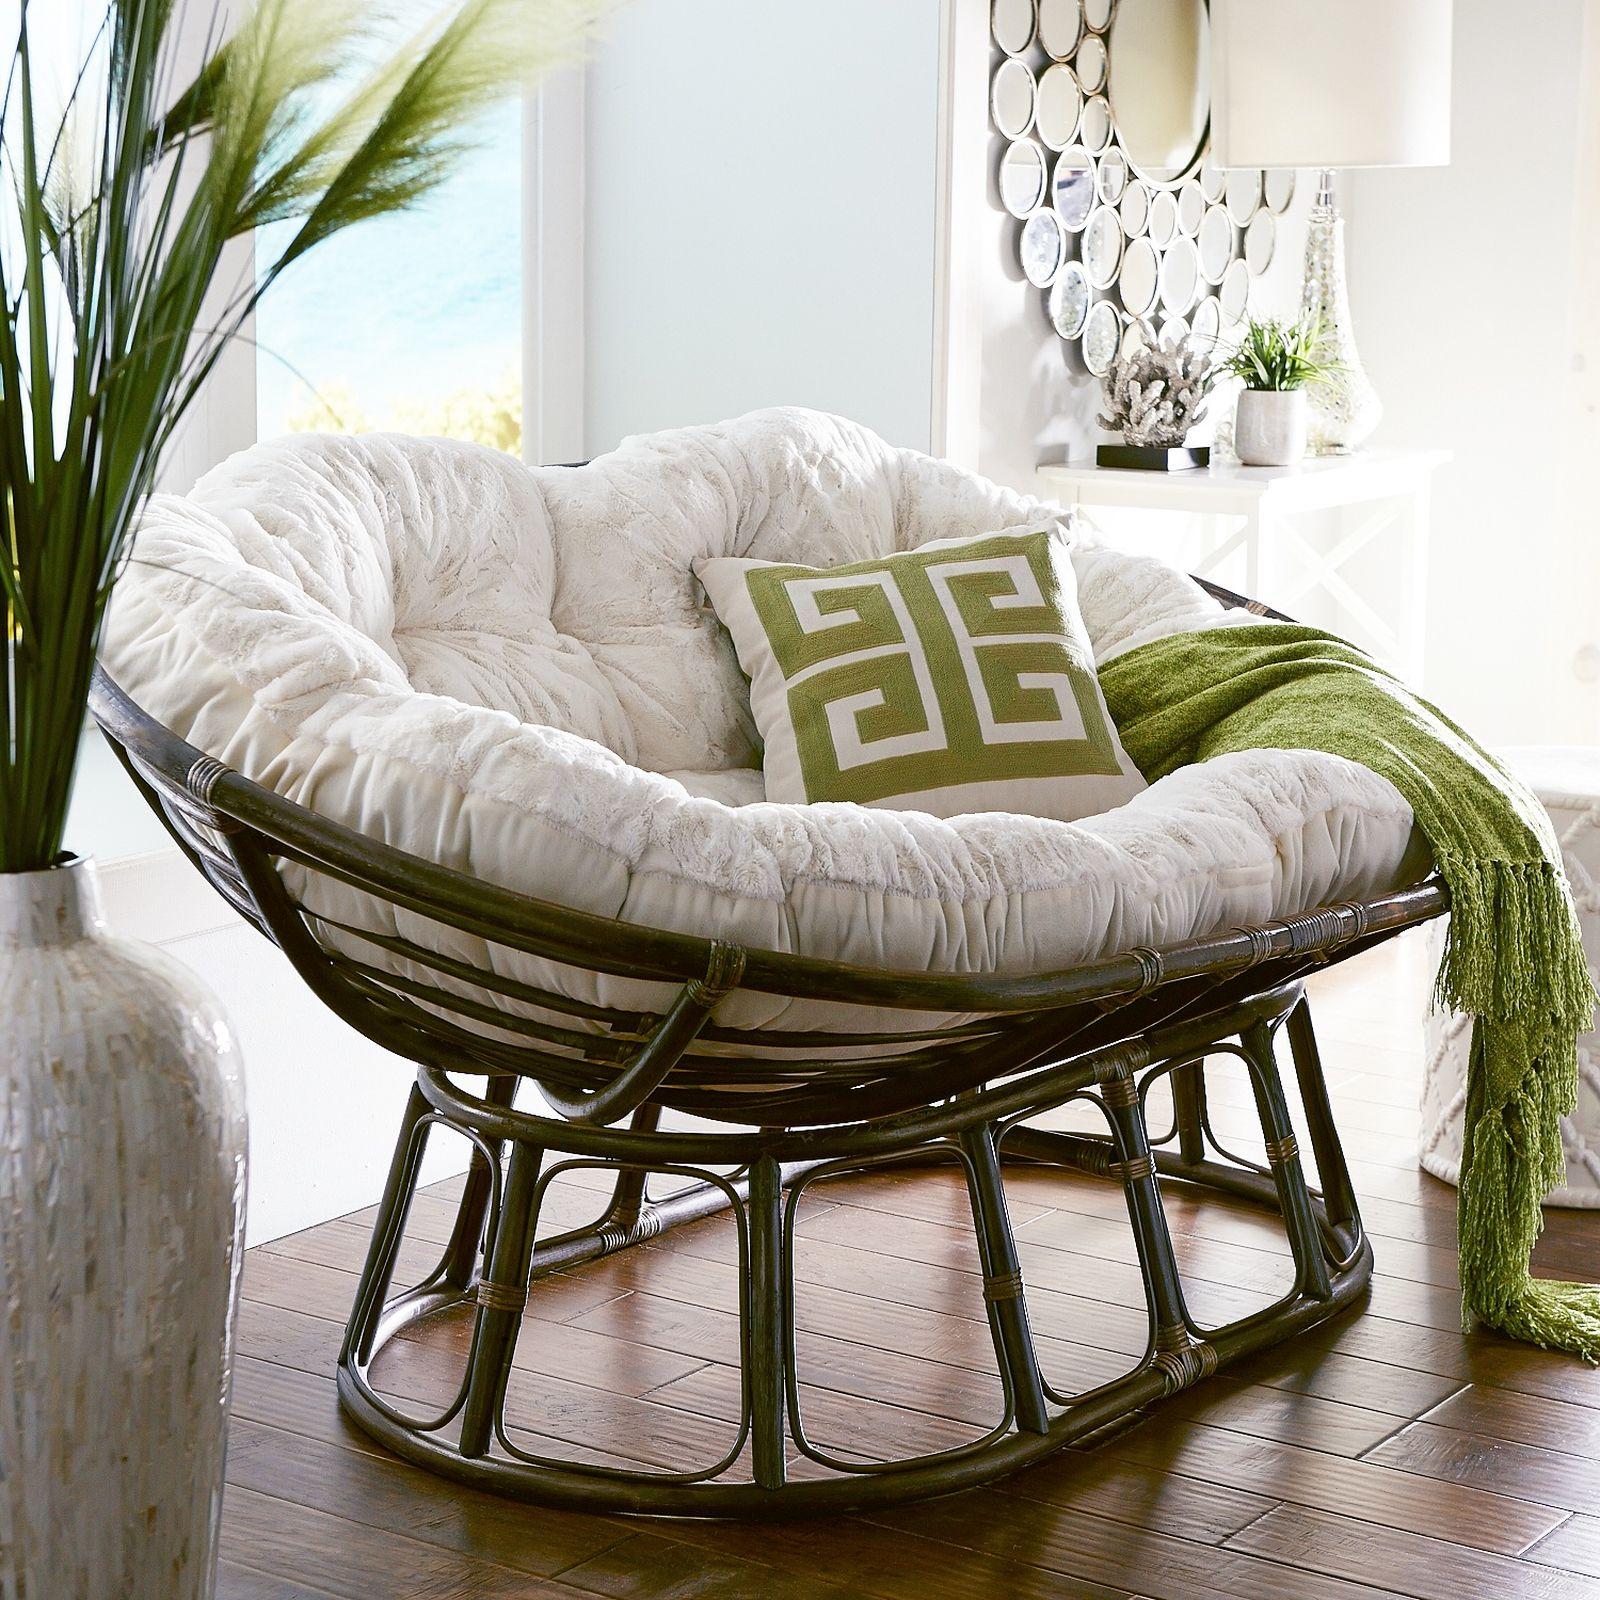 Кресло Papasan (50 фото качалка из ротанга и подушка для нее) 16